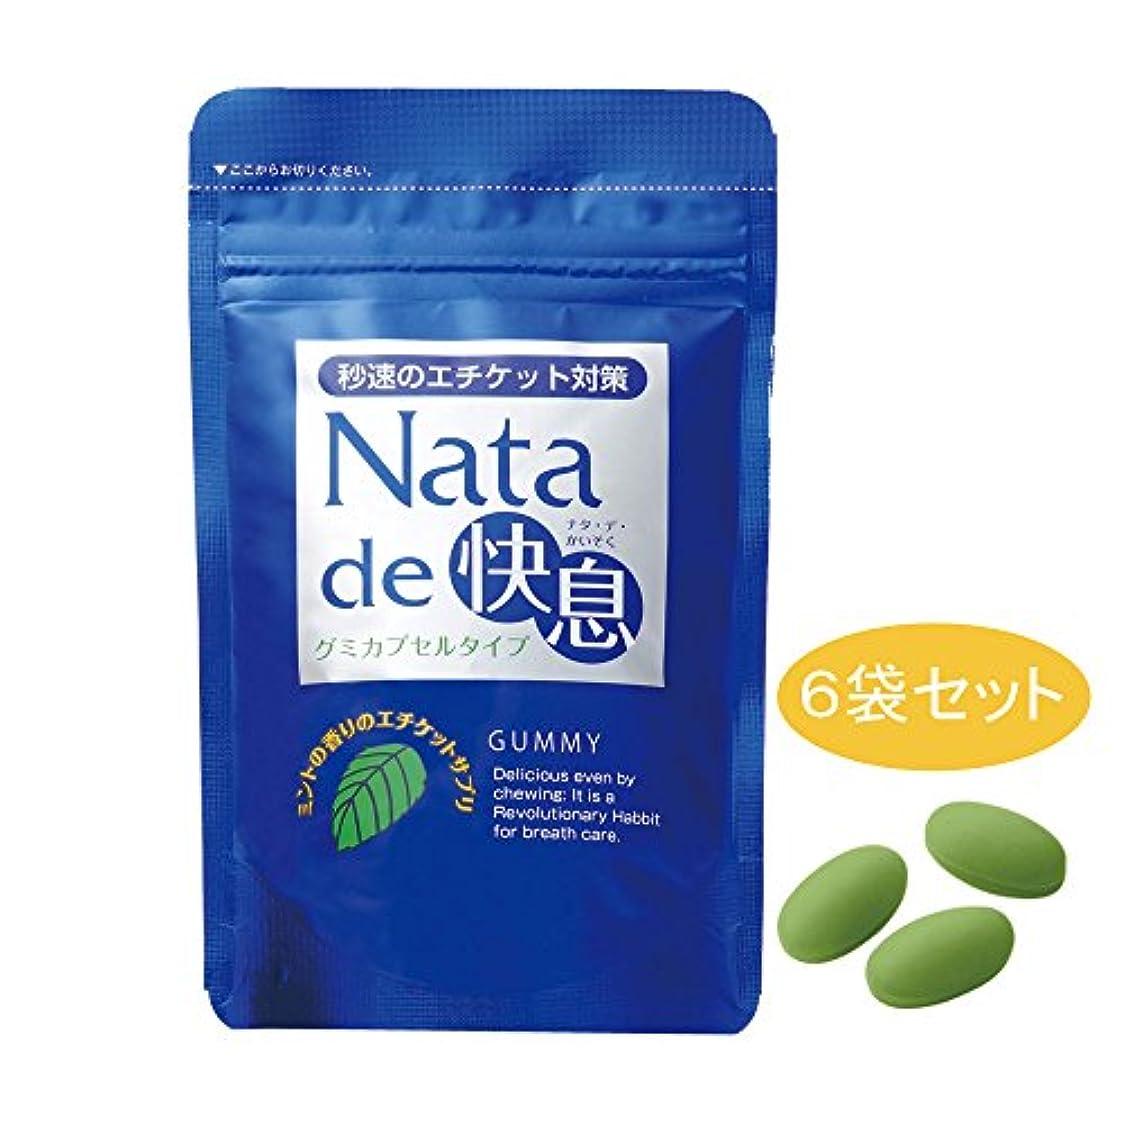 サワー技術的なおんどりナタデ快息 ミントの香り 6袋セット